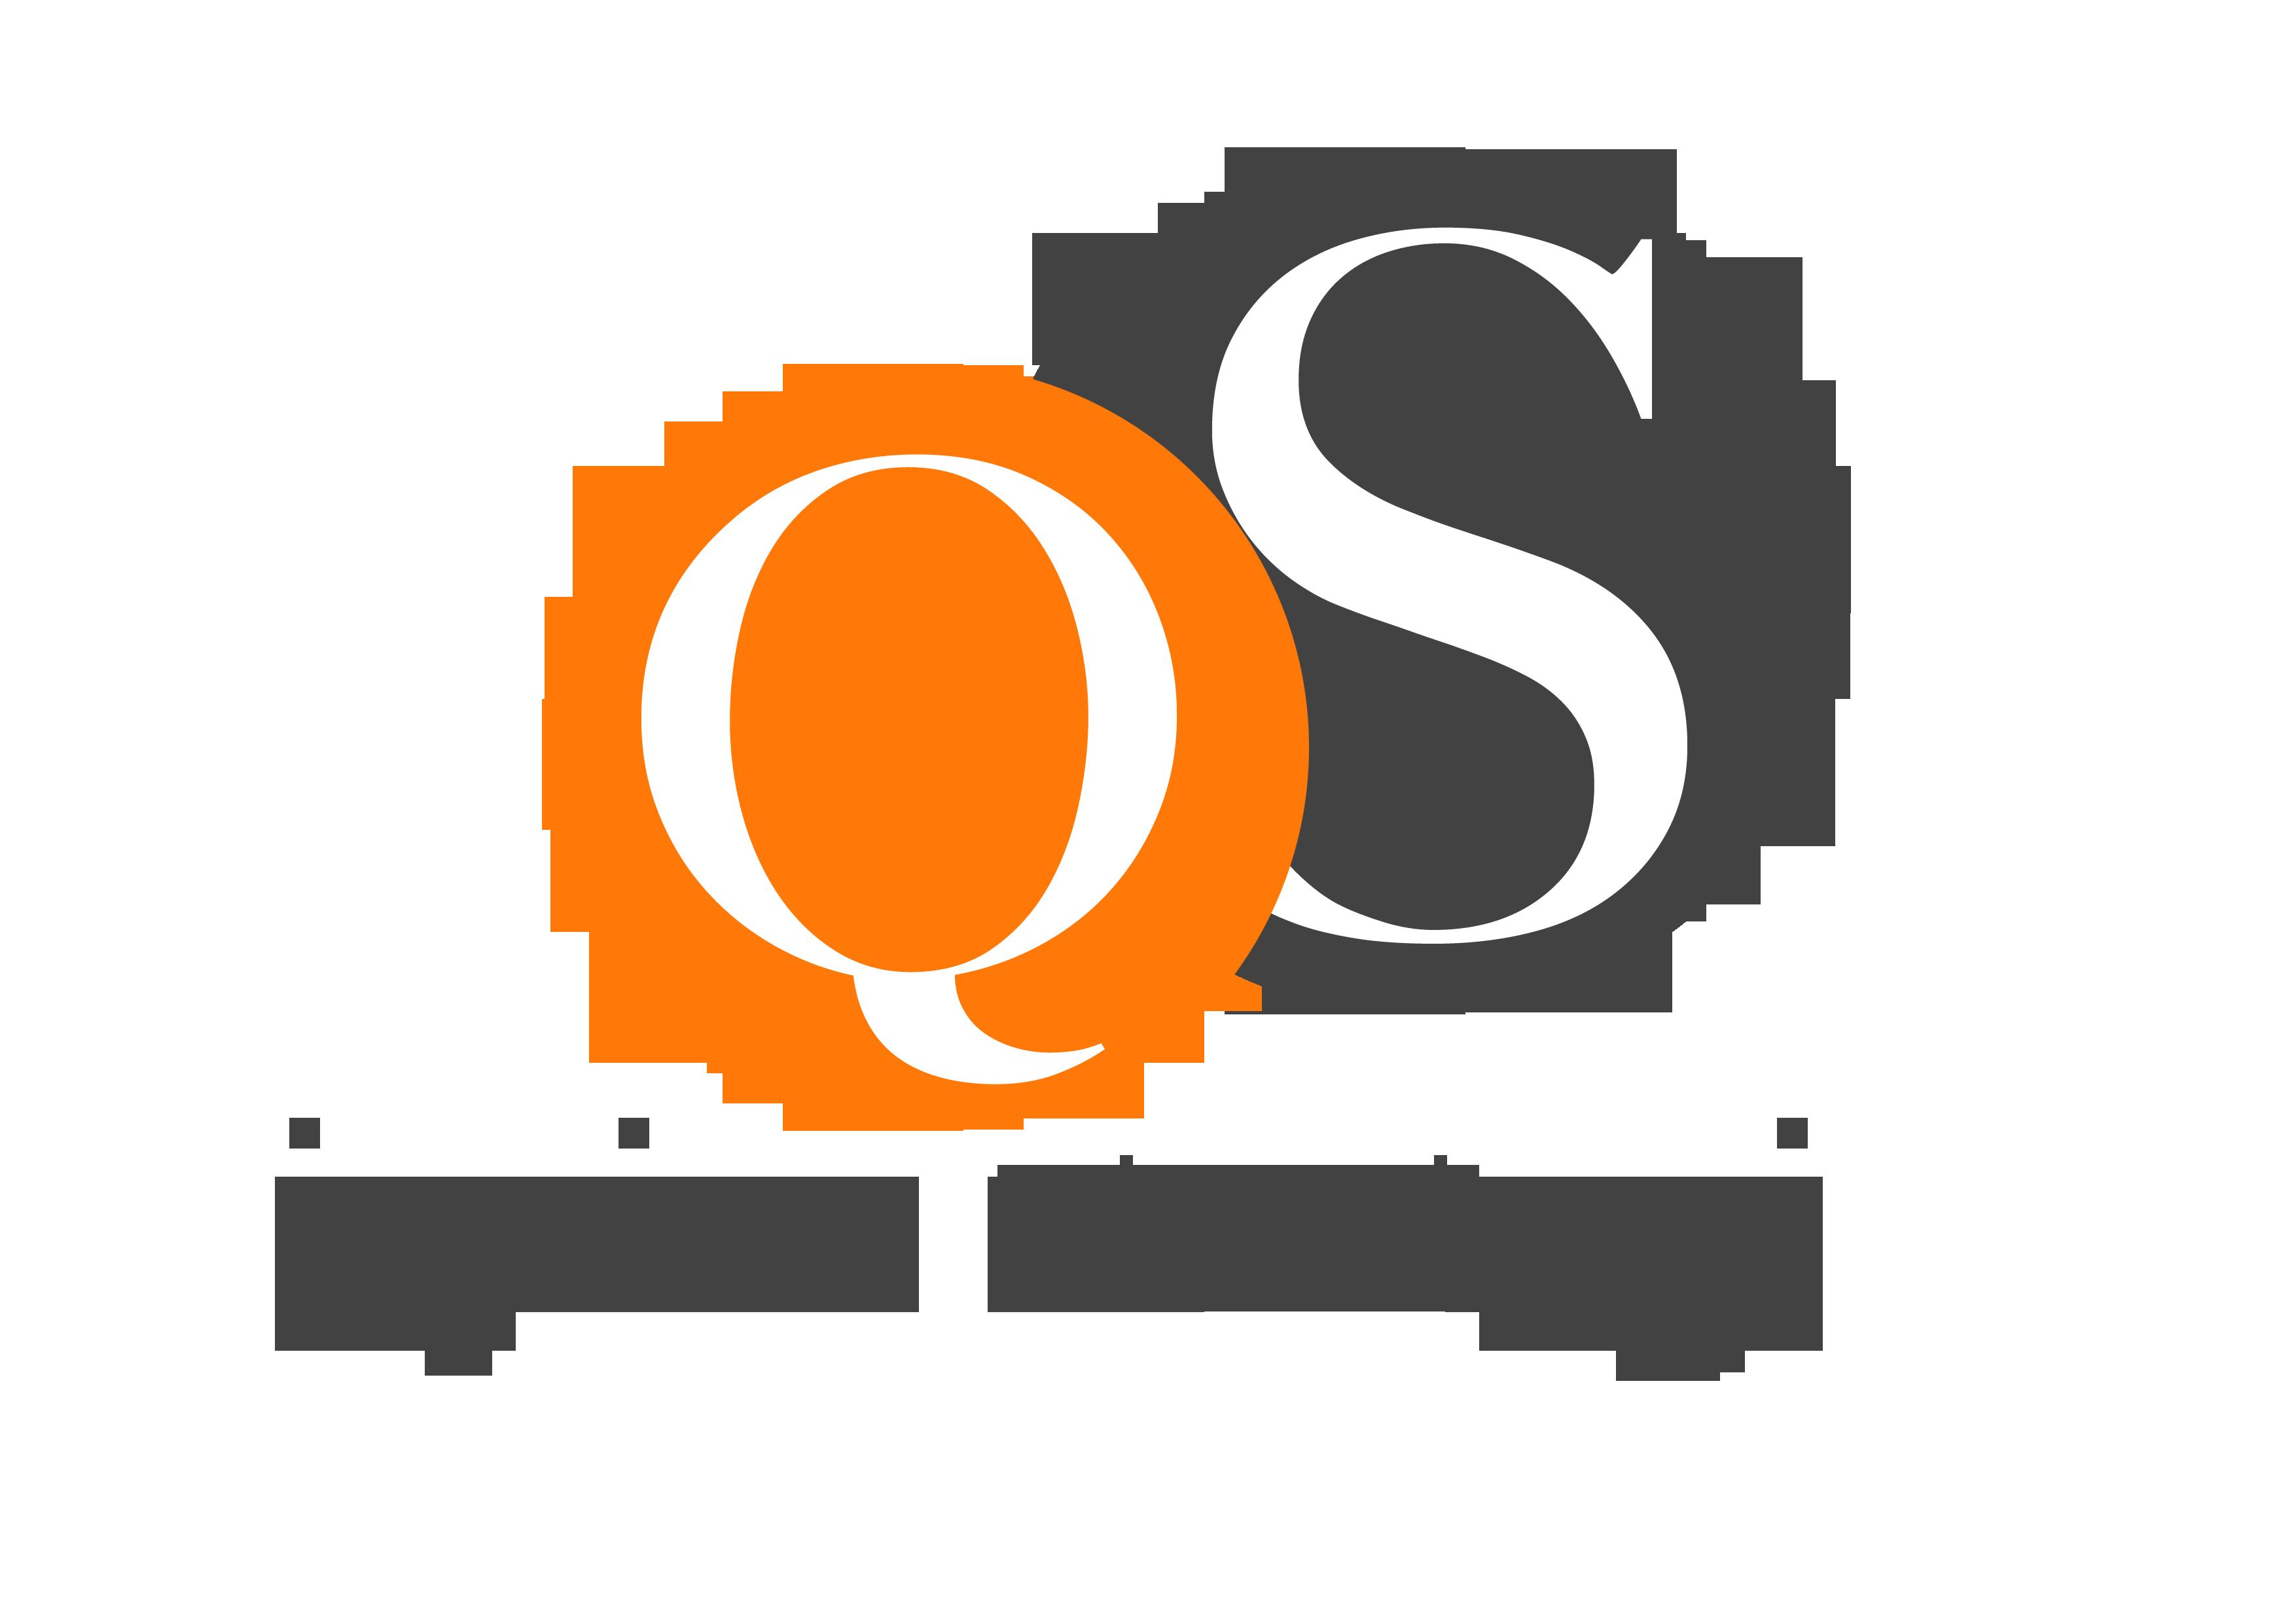 @IQSIUS